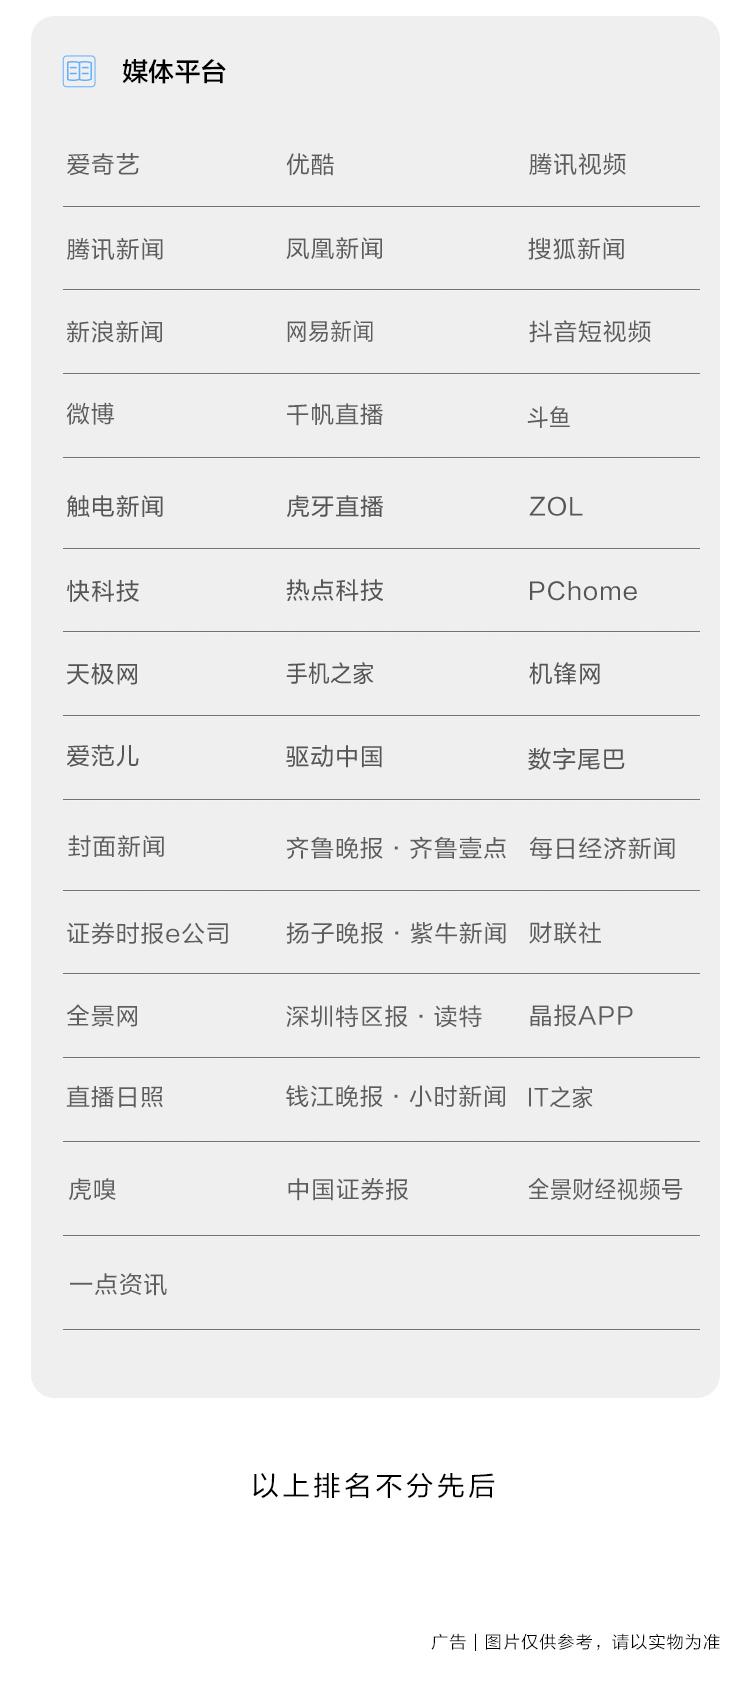 长图_04.jpg